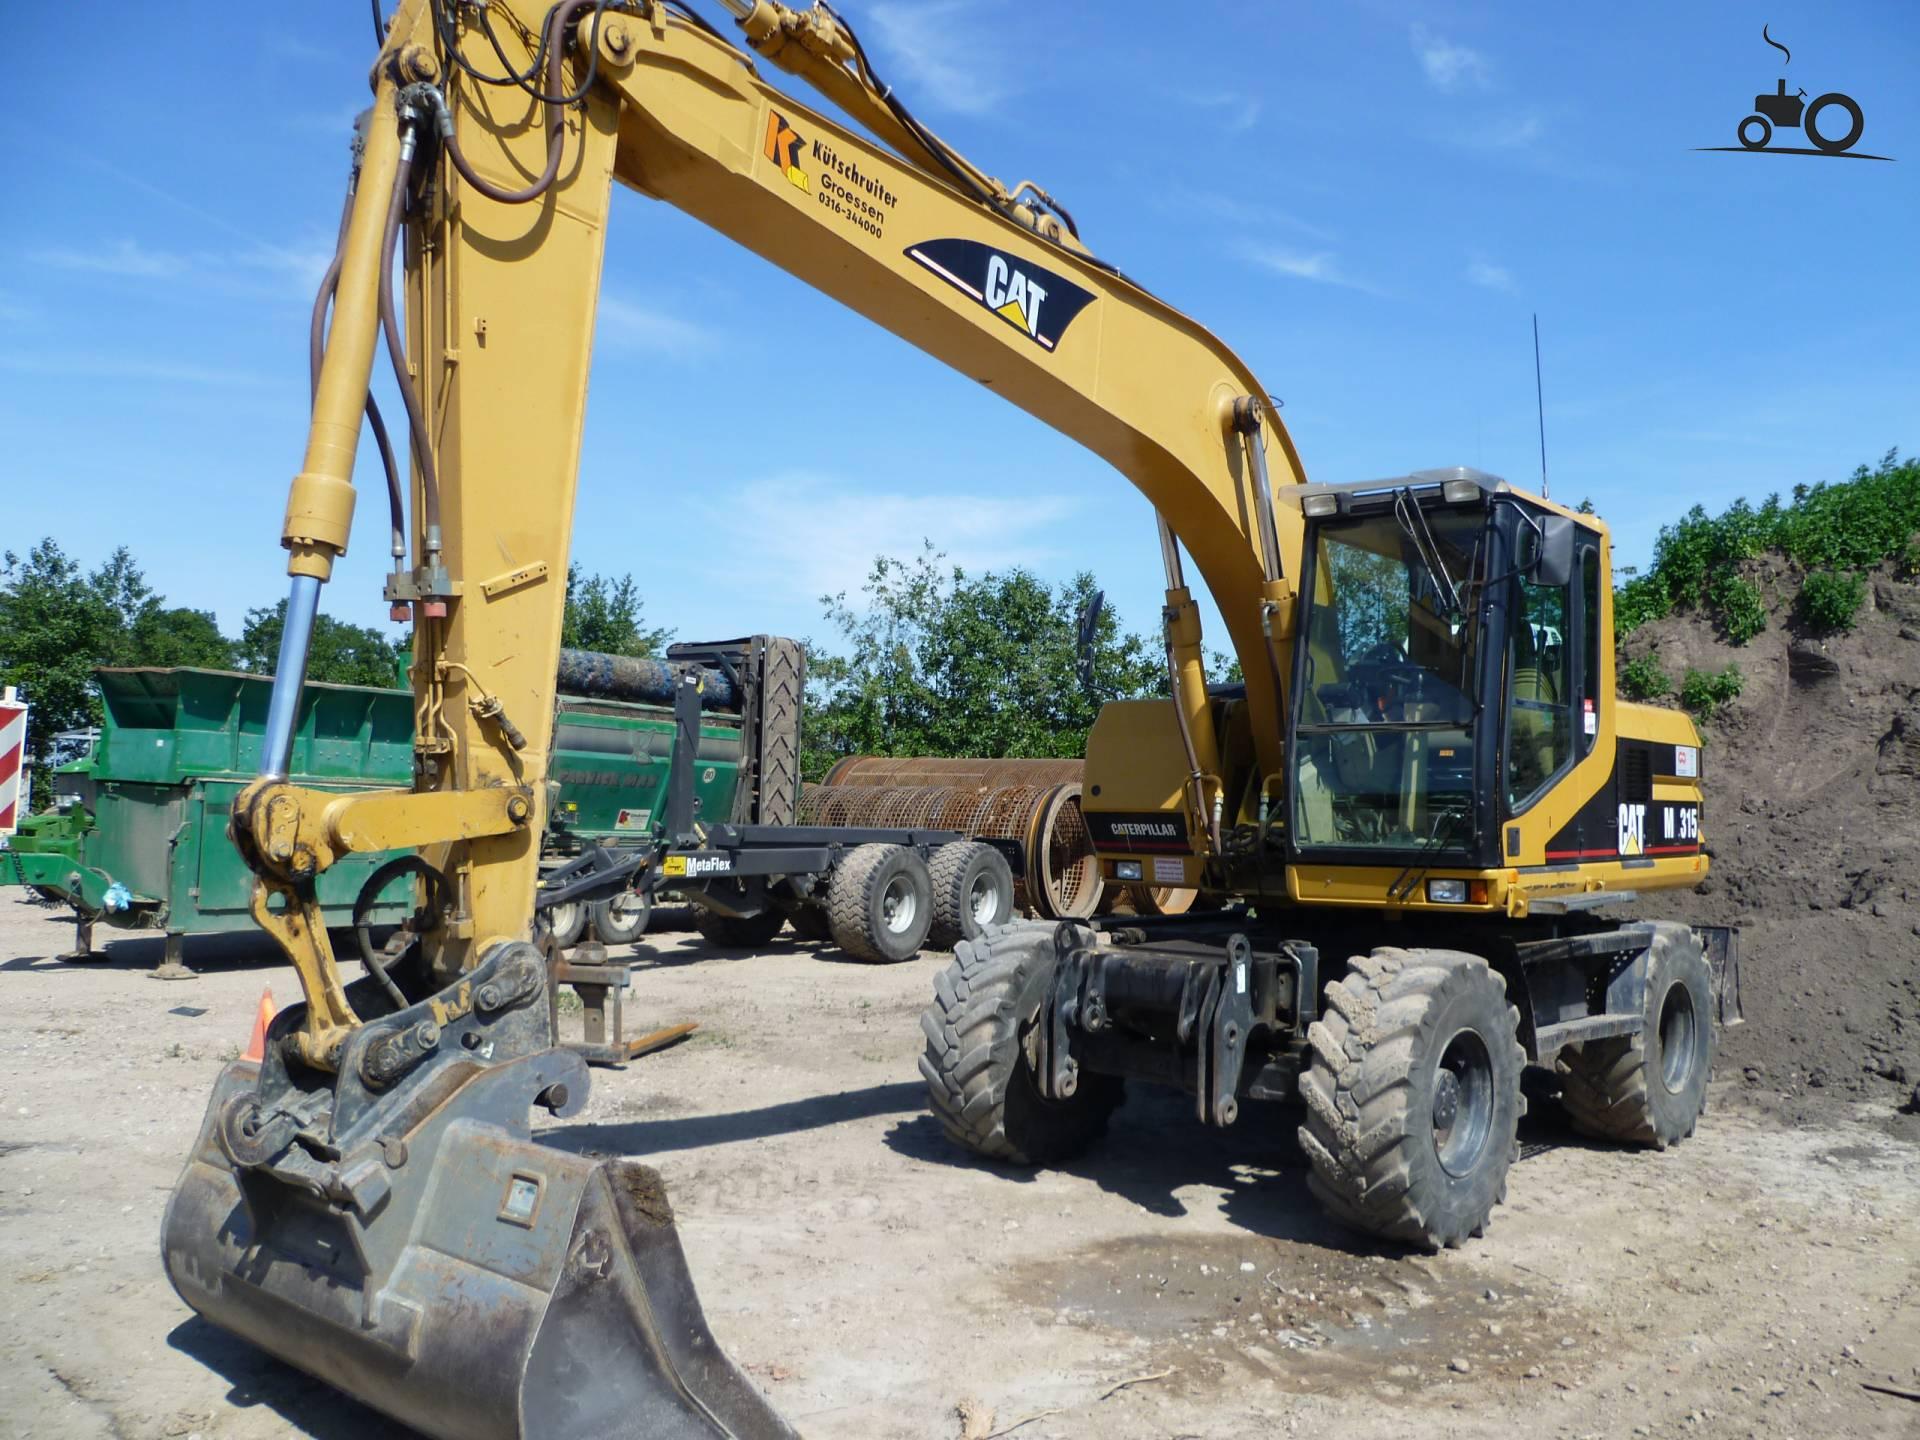 sphe 315 Haier ldh32v180 chassis : 17mb140 panel ves315wnds категория: lcd/pdp tv / vestel xomax xm-dtsb 4207 шасси (main board): неизвестно sunplus sphe8202tq cfon 25t16.